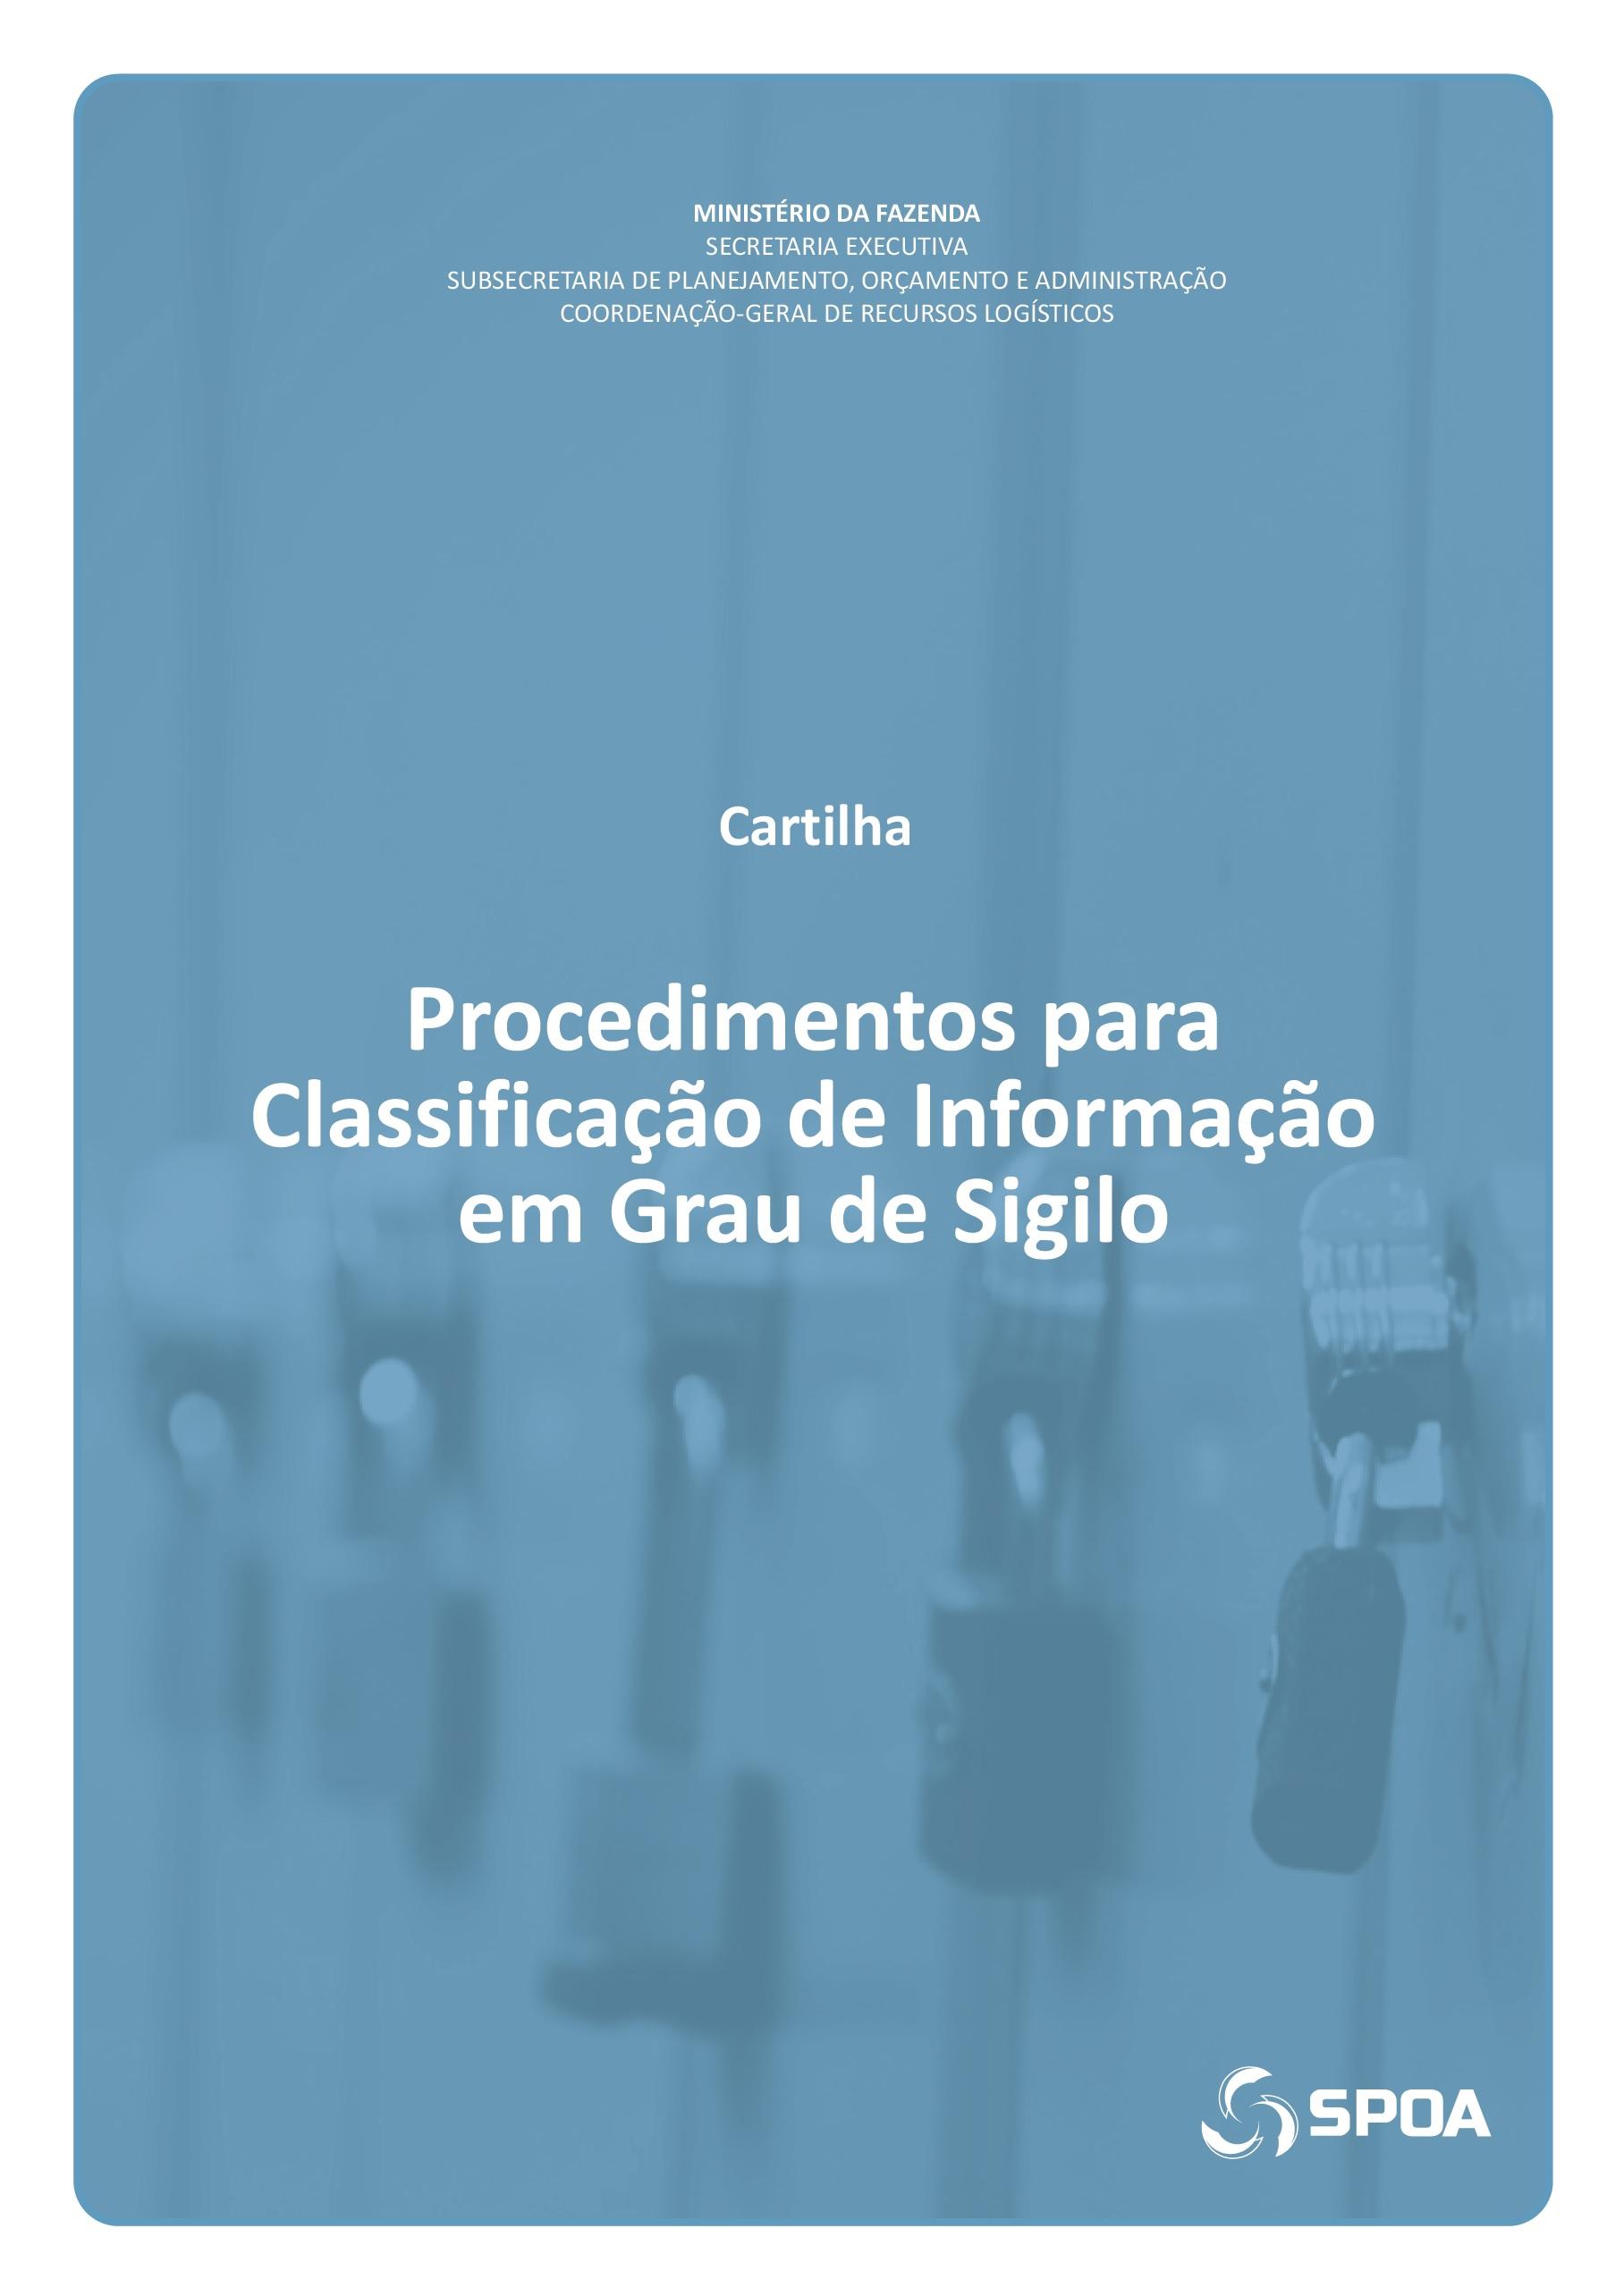 Procedimentos para Classificação de Informação em Grau de Sigilo – Cartilha – MF